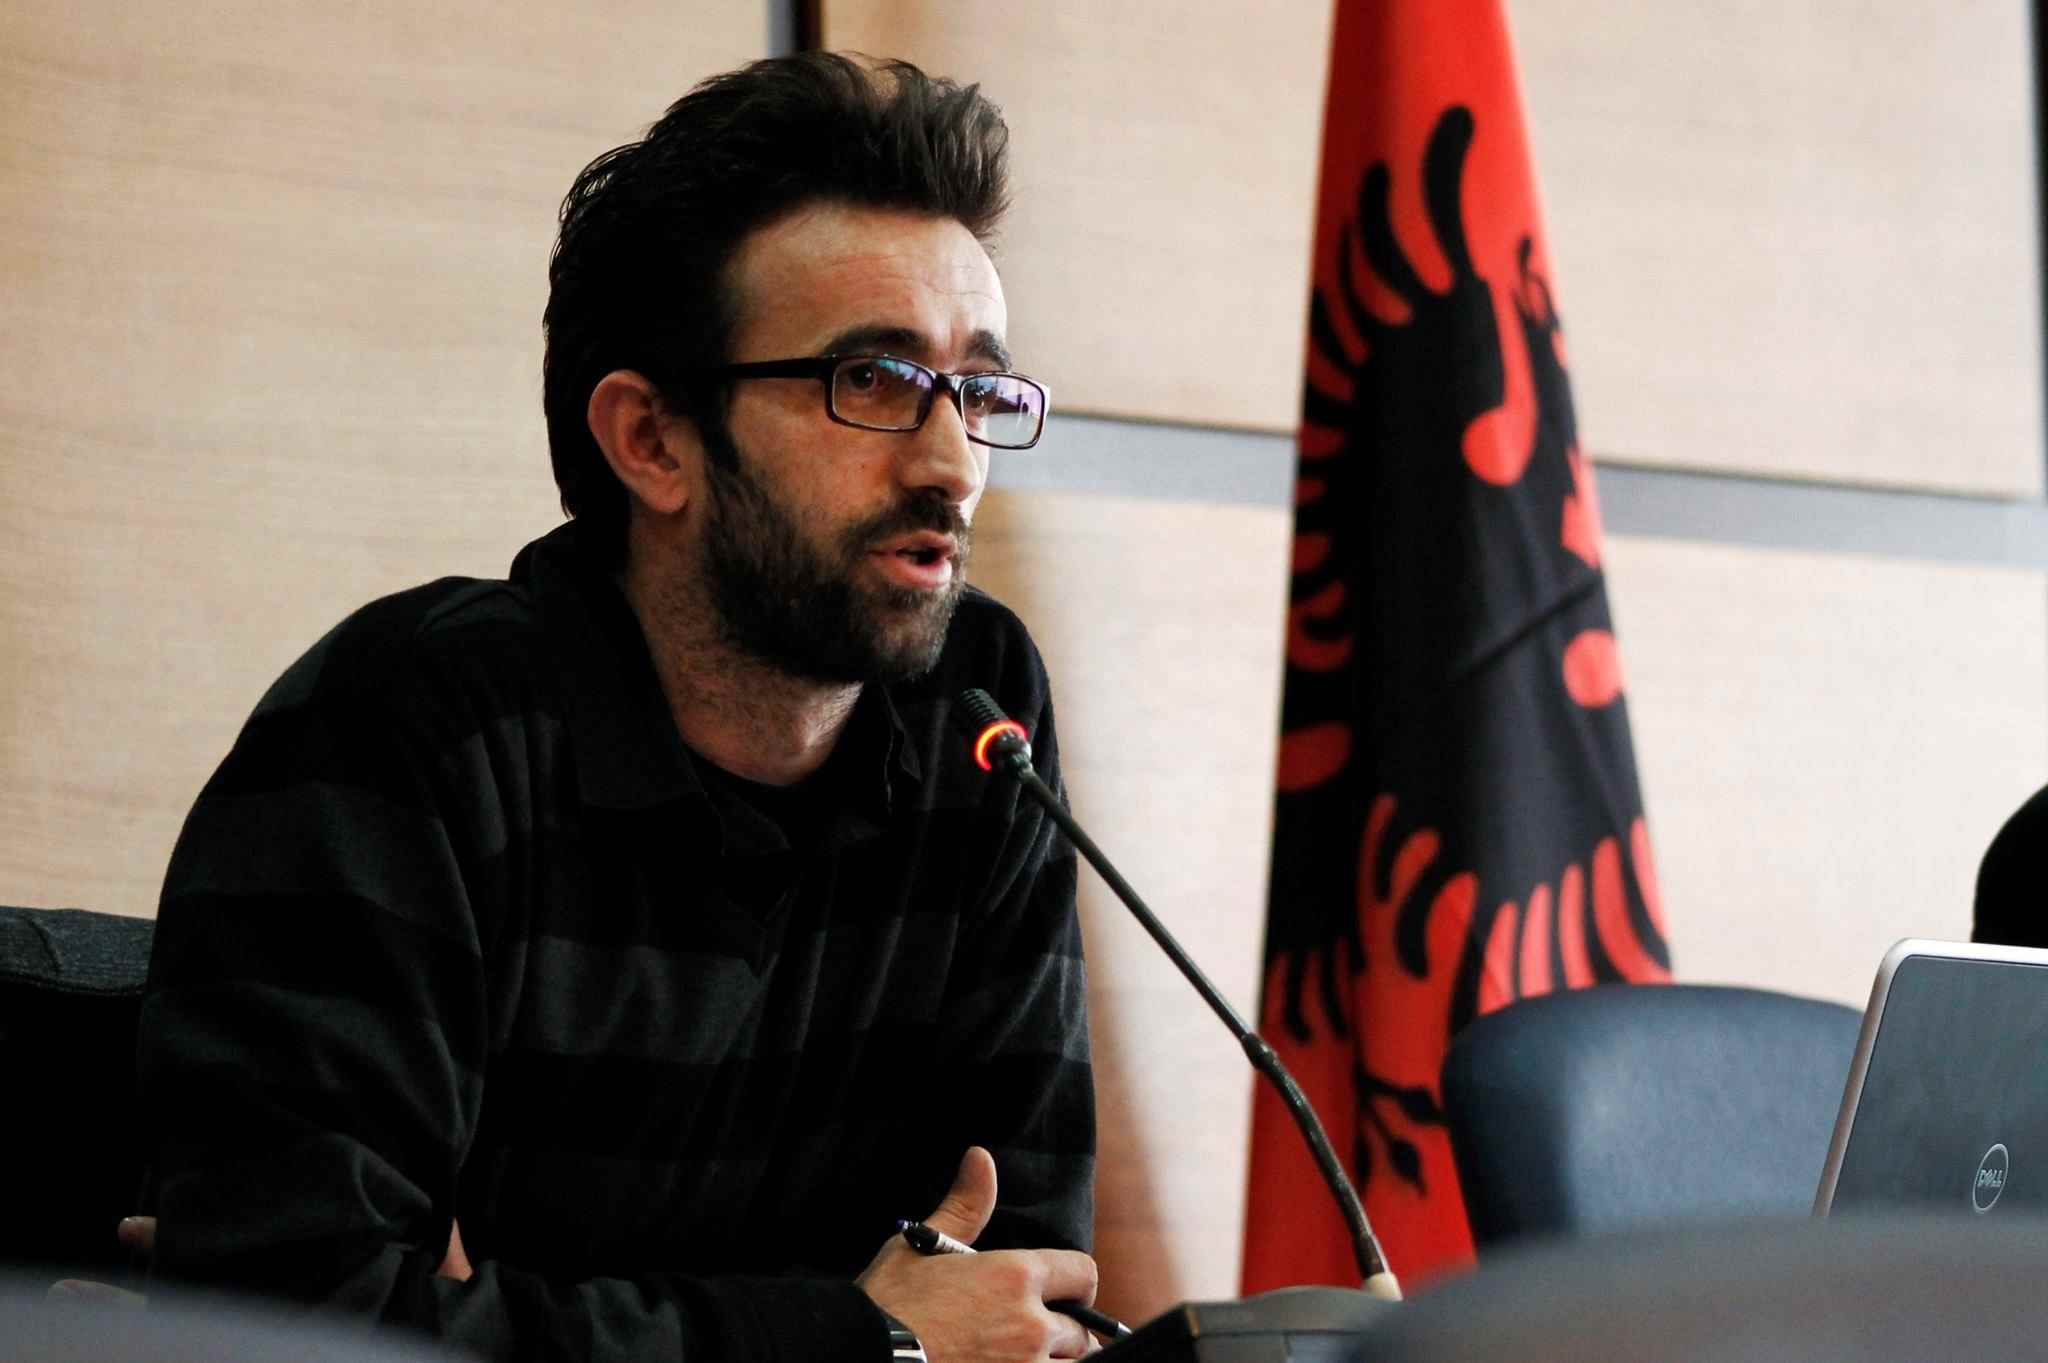 Letër publike deputetit Frashër Krasniqi